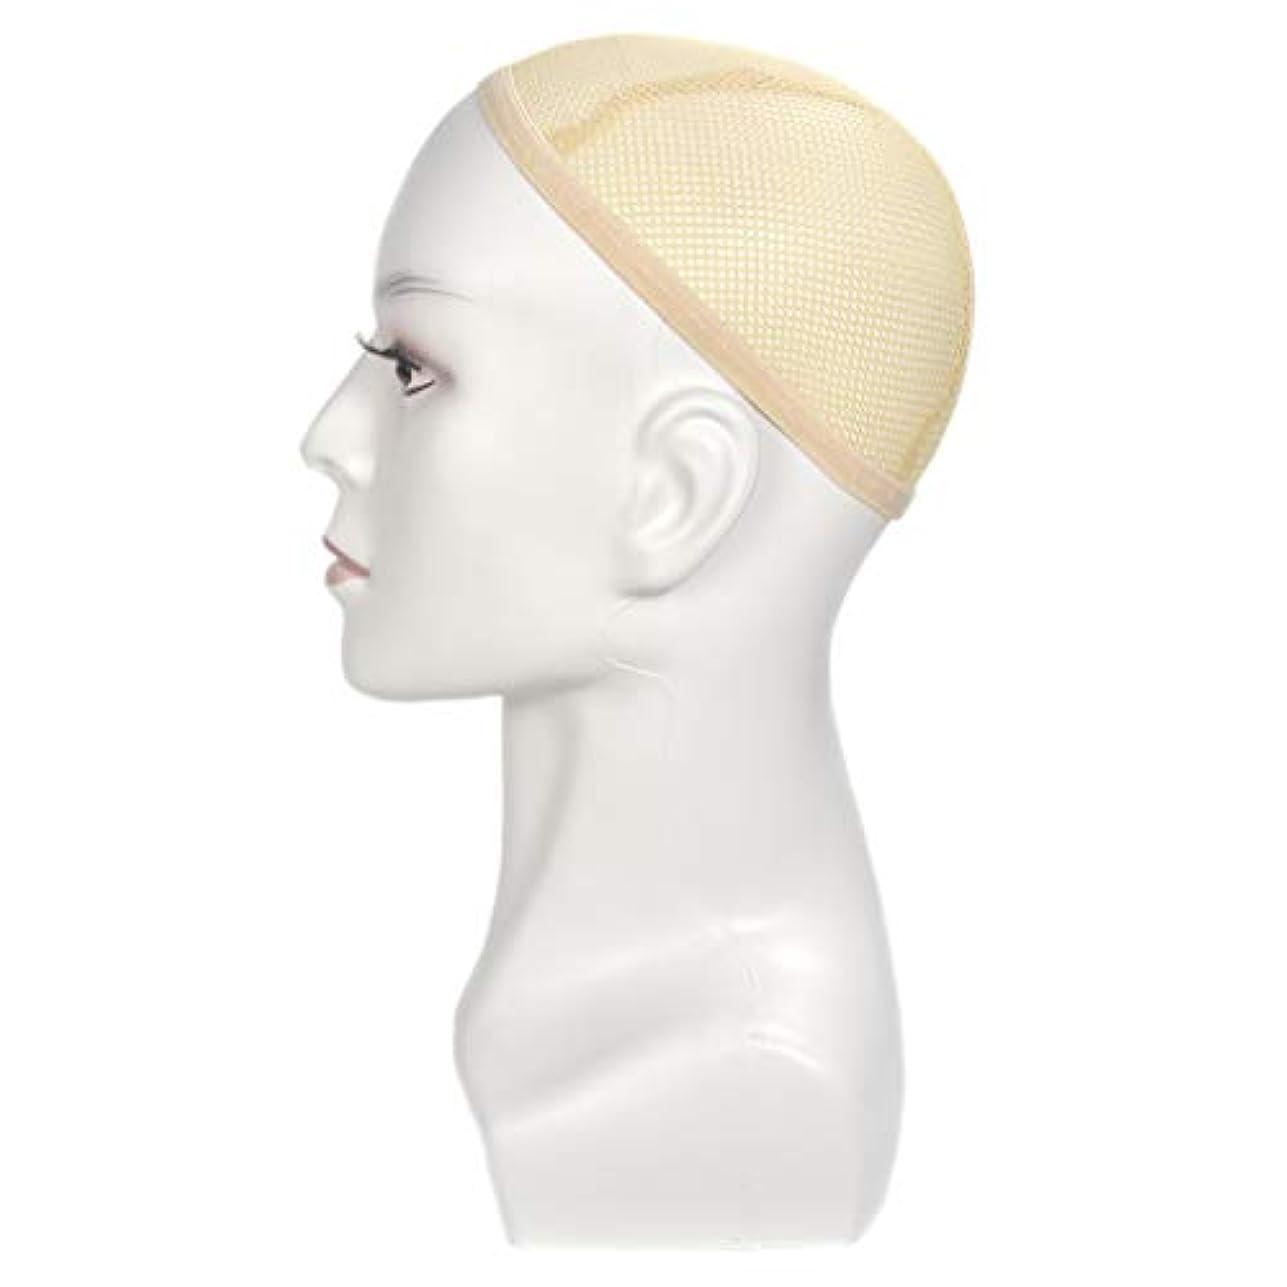 非互換お茶煩わしいウィッグ用マネキンヘッドディスプレイスタイリング理髪トレーニングヘッド13.8インチ-色の選択 - 白